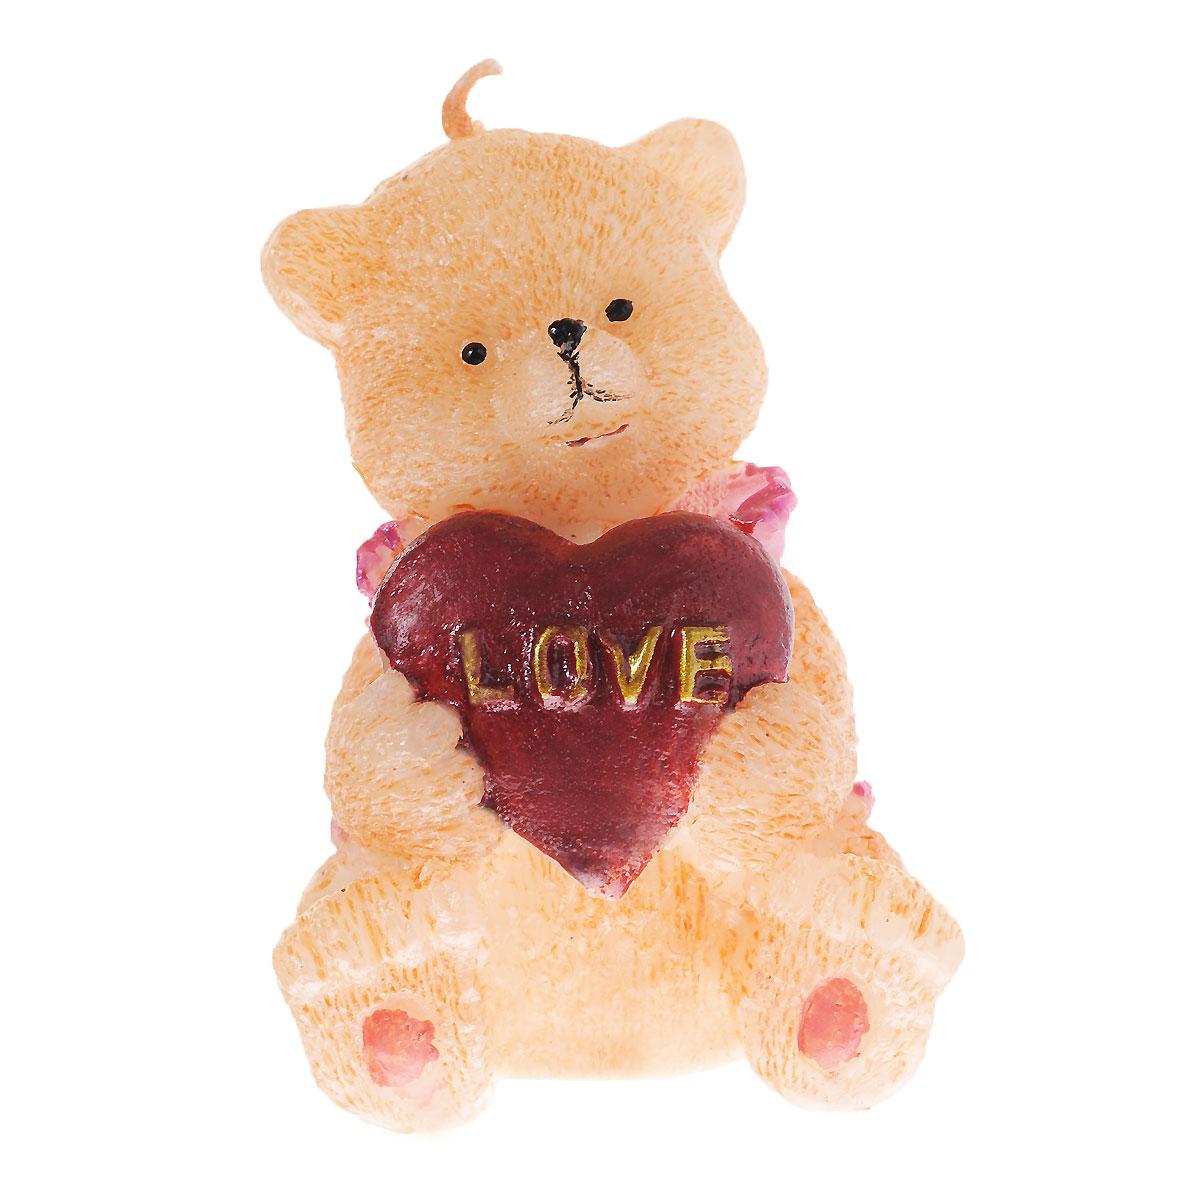 Свеча декоративная Home Queen Мишка. 60430 копилка декоративная home queen подарок с любовью с сердцем